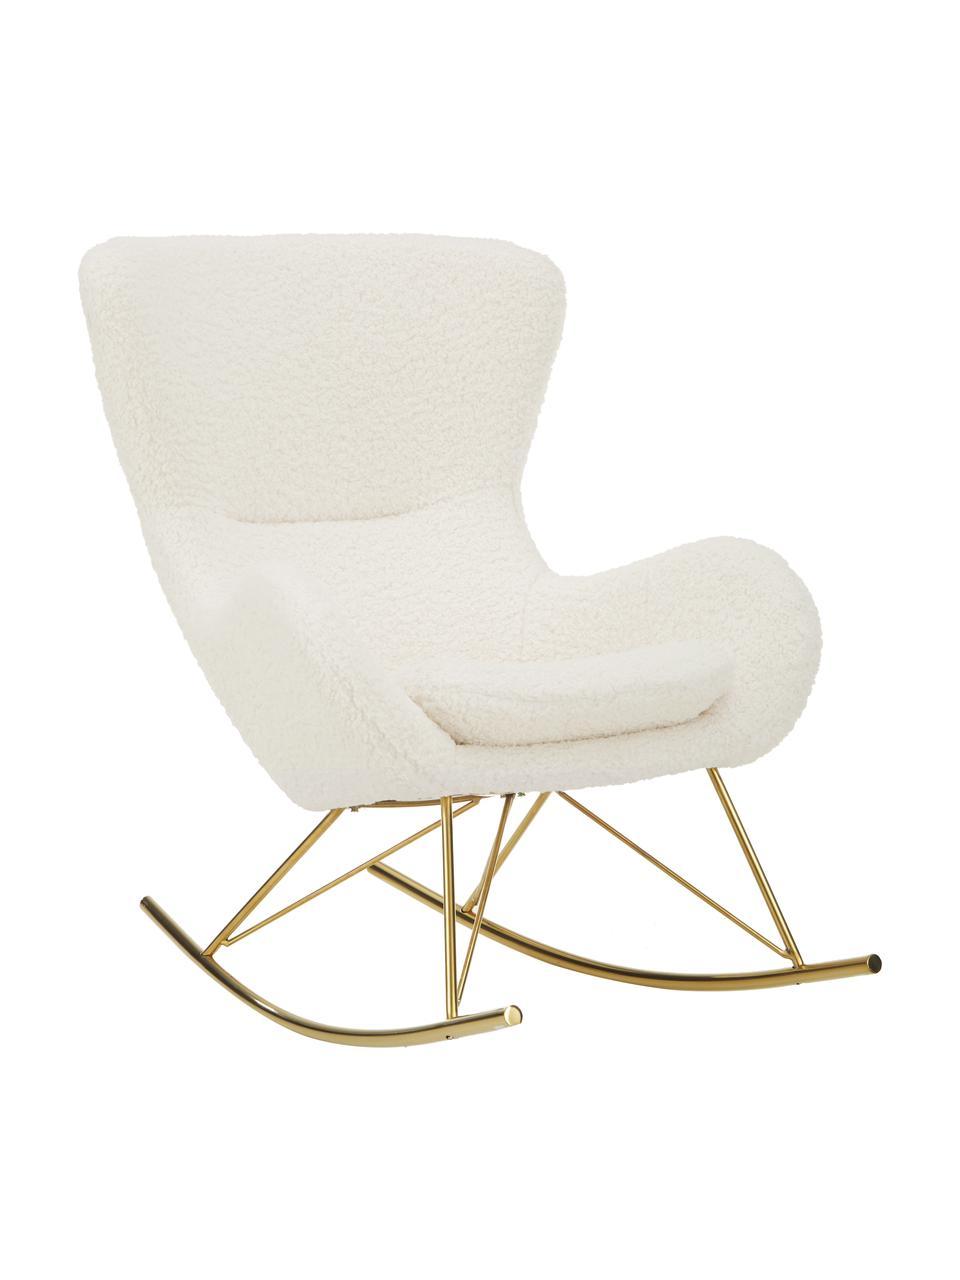 Plyšová hojdacia stolička s kovovými nohami Wing, Teddy krémovobiela, odtiene zlatej